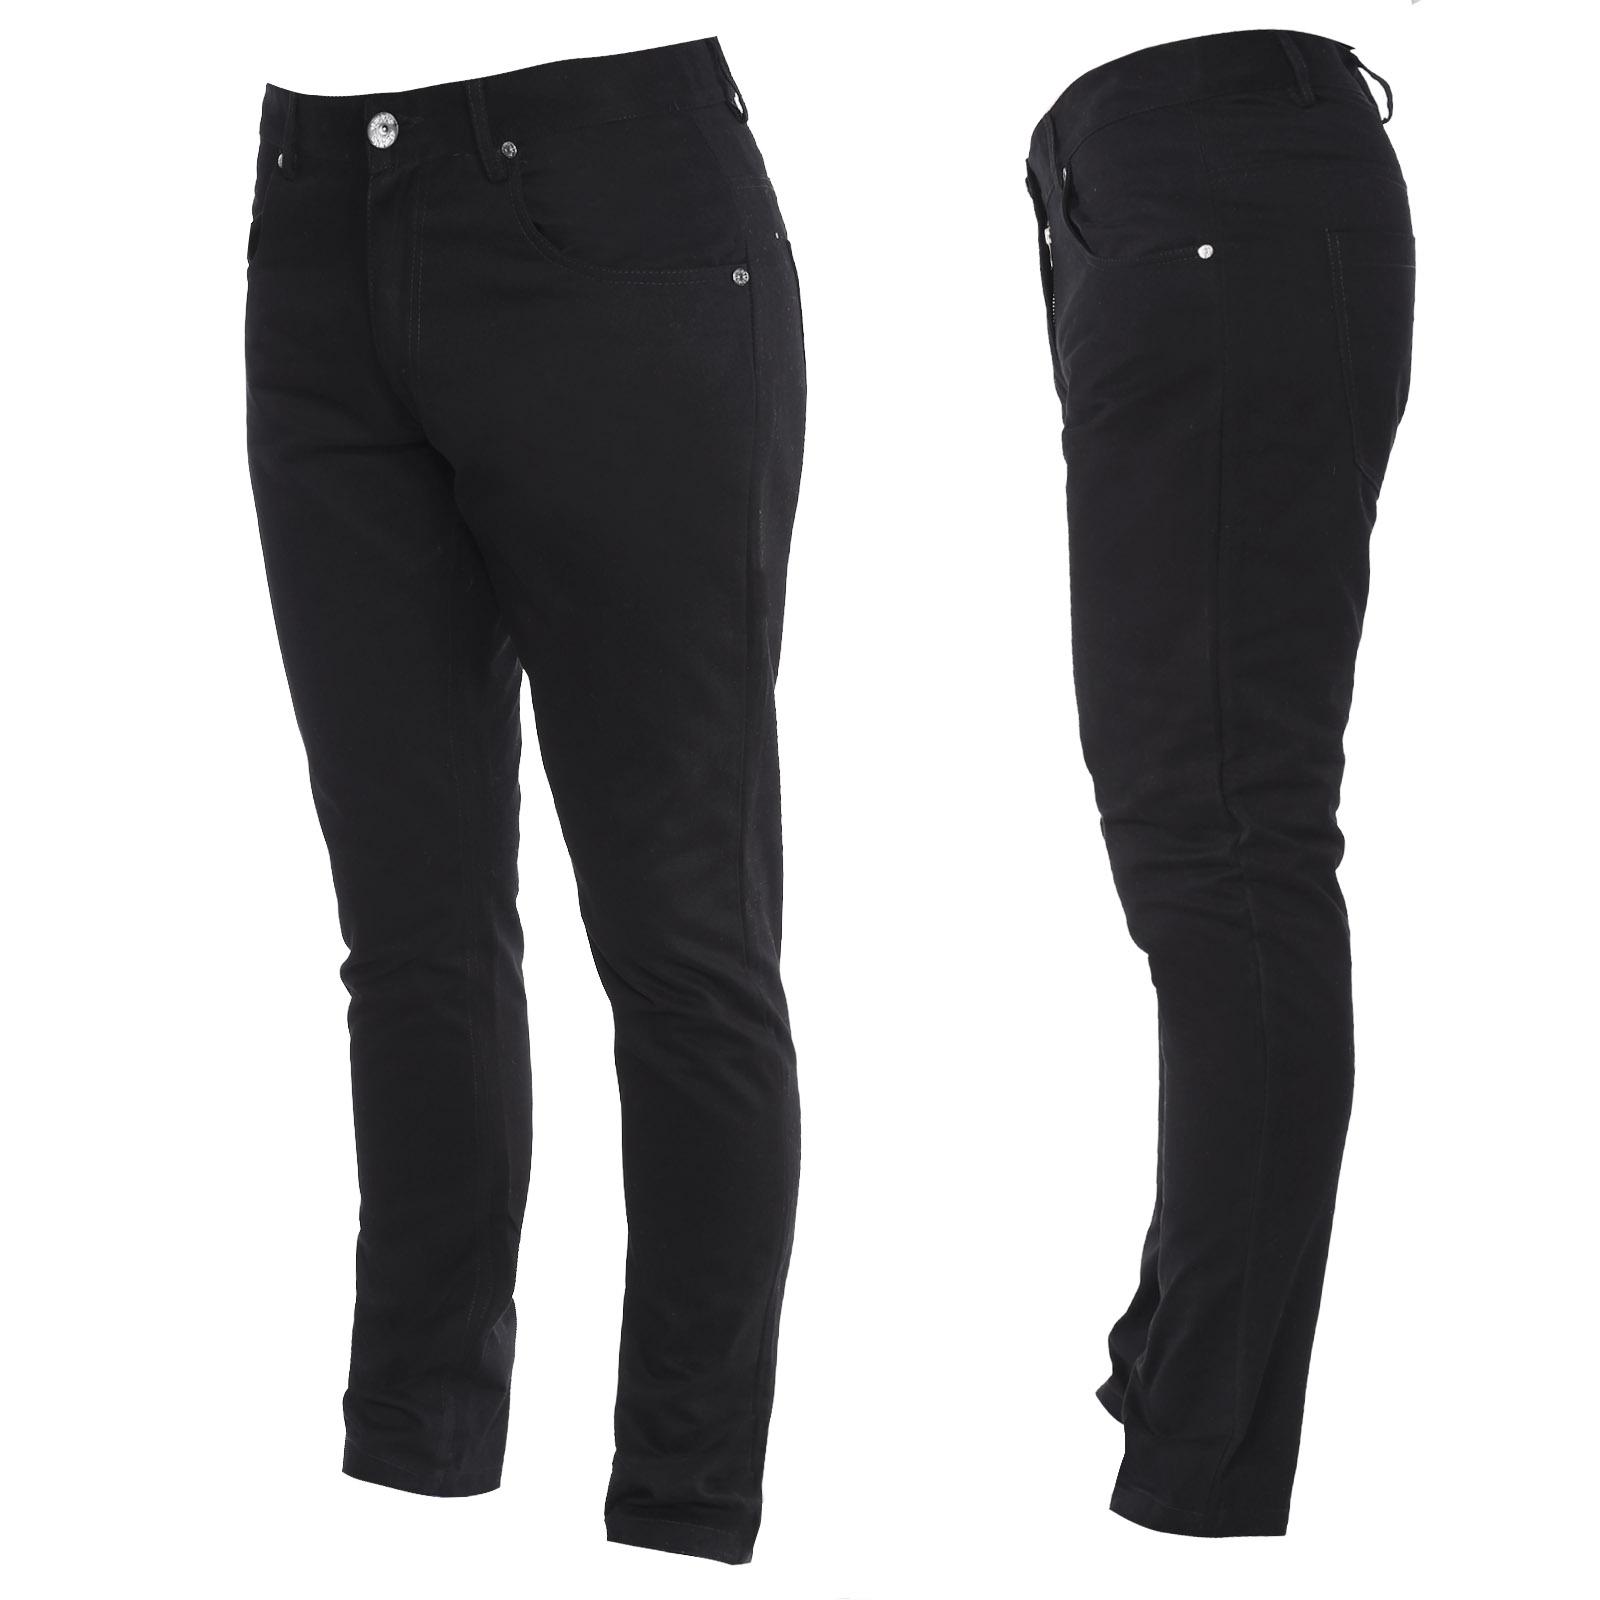 herren hose jeans chino fit jeanshose m nner freizeithose. Black Bedroom Furniture Sets. Home Design Ideas